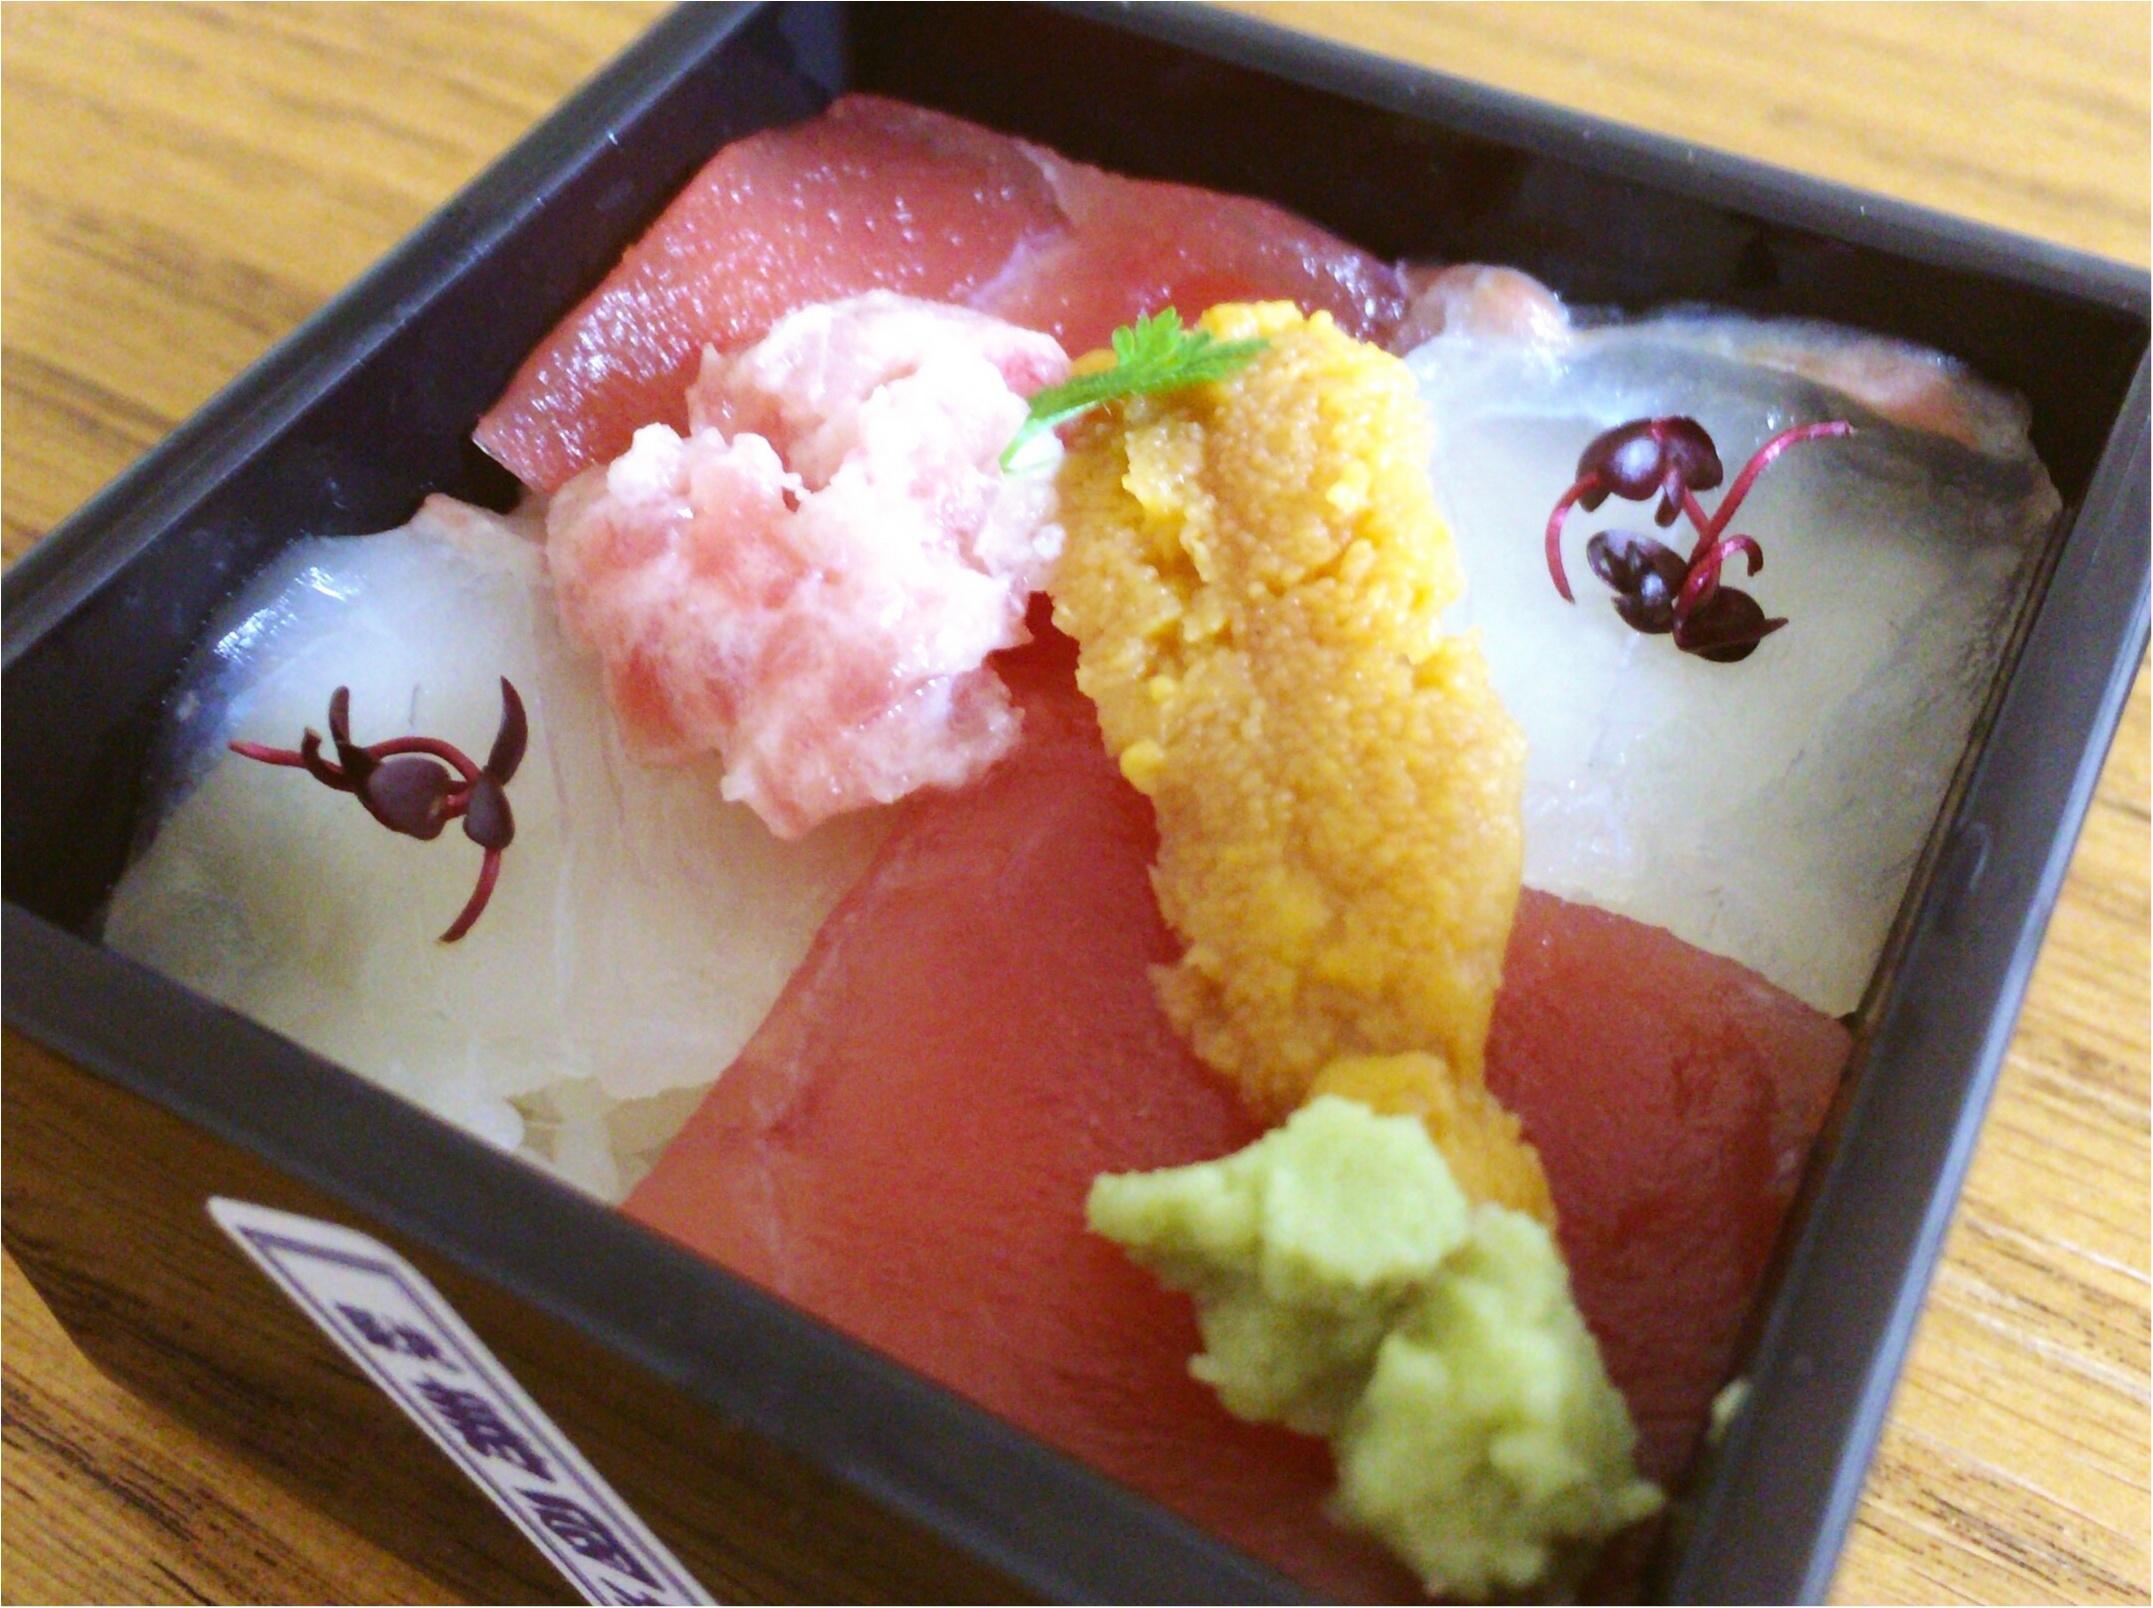 東京駅で買える【築地の寿司】小ぶり♡可愛い『一合一会』駅弁シリーズは新幹線のお供にGood◎_2